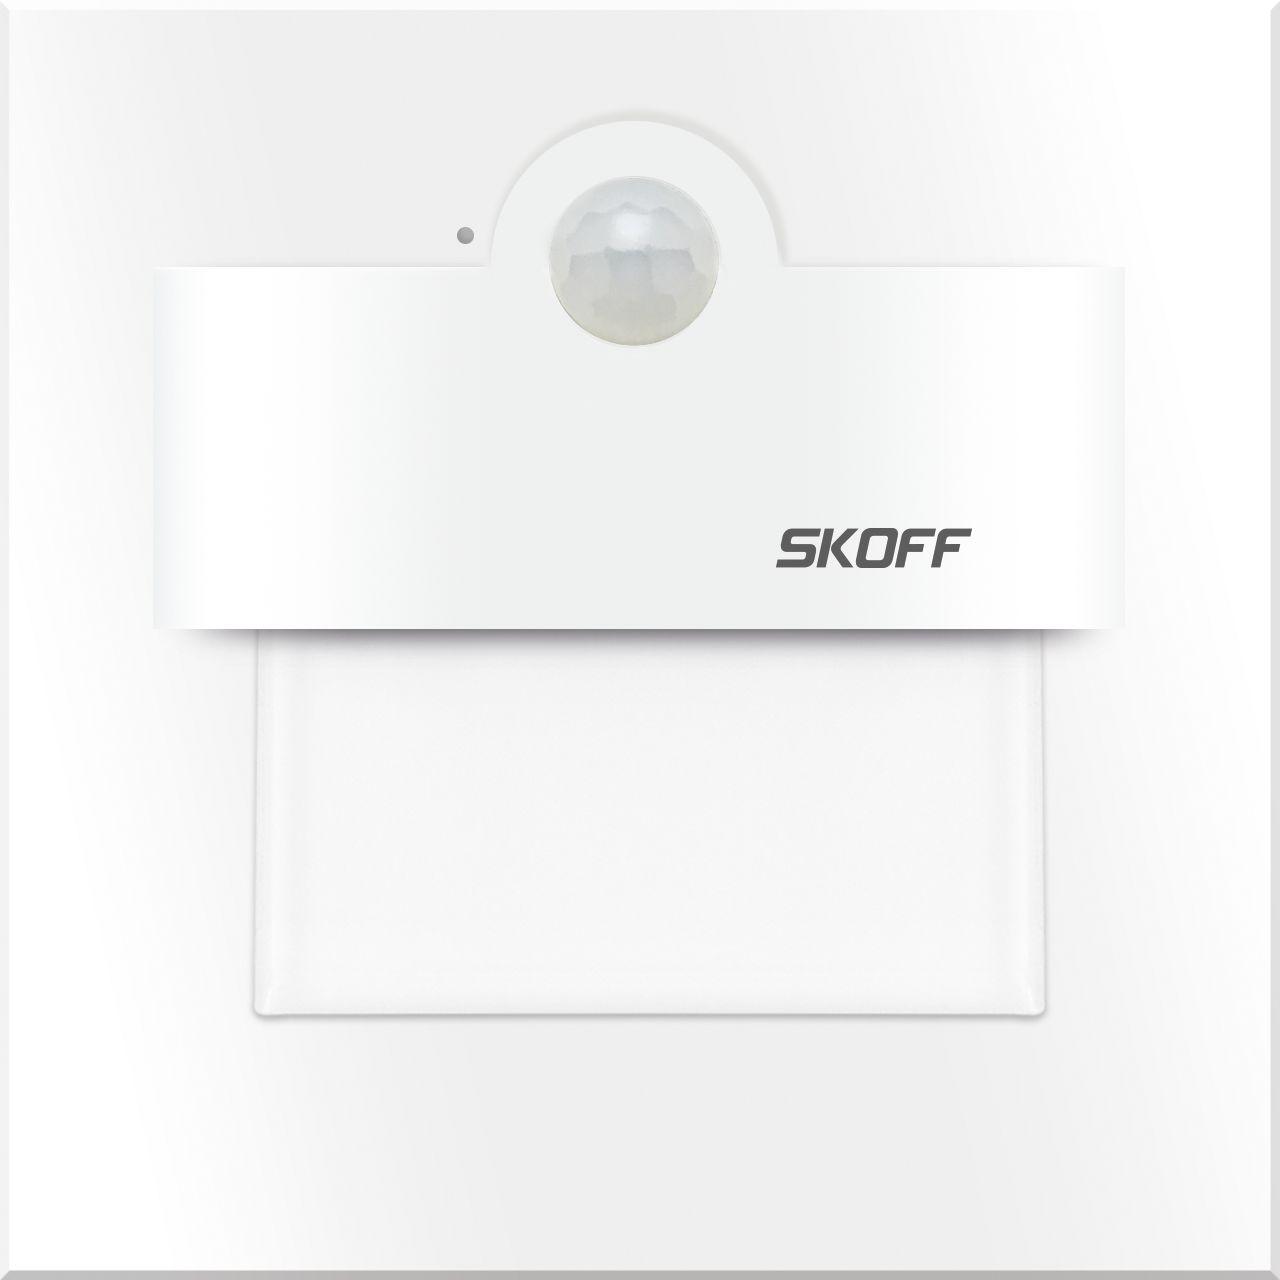 Oprawa schodowa Tango Skoff 10V kwadratowa oprawa w kolorze białym z czujnikiem ruchu i zmierchu